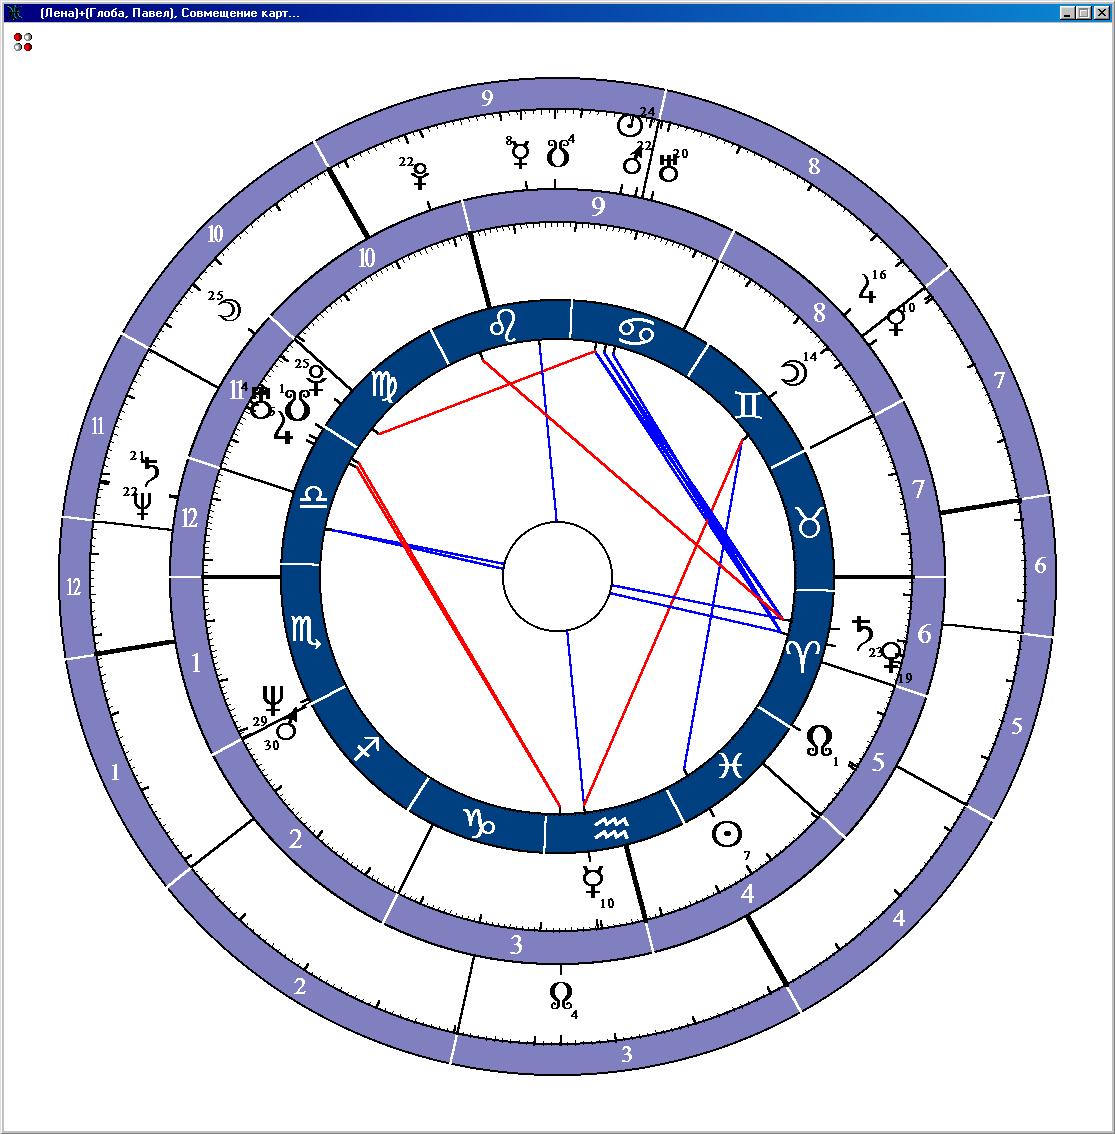 Гороскоп совместимости по датам рождения партнеров